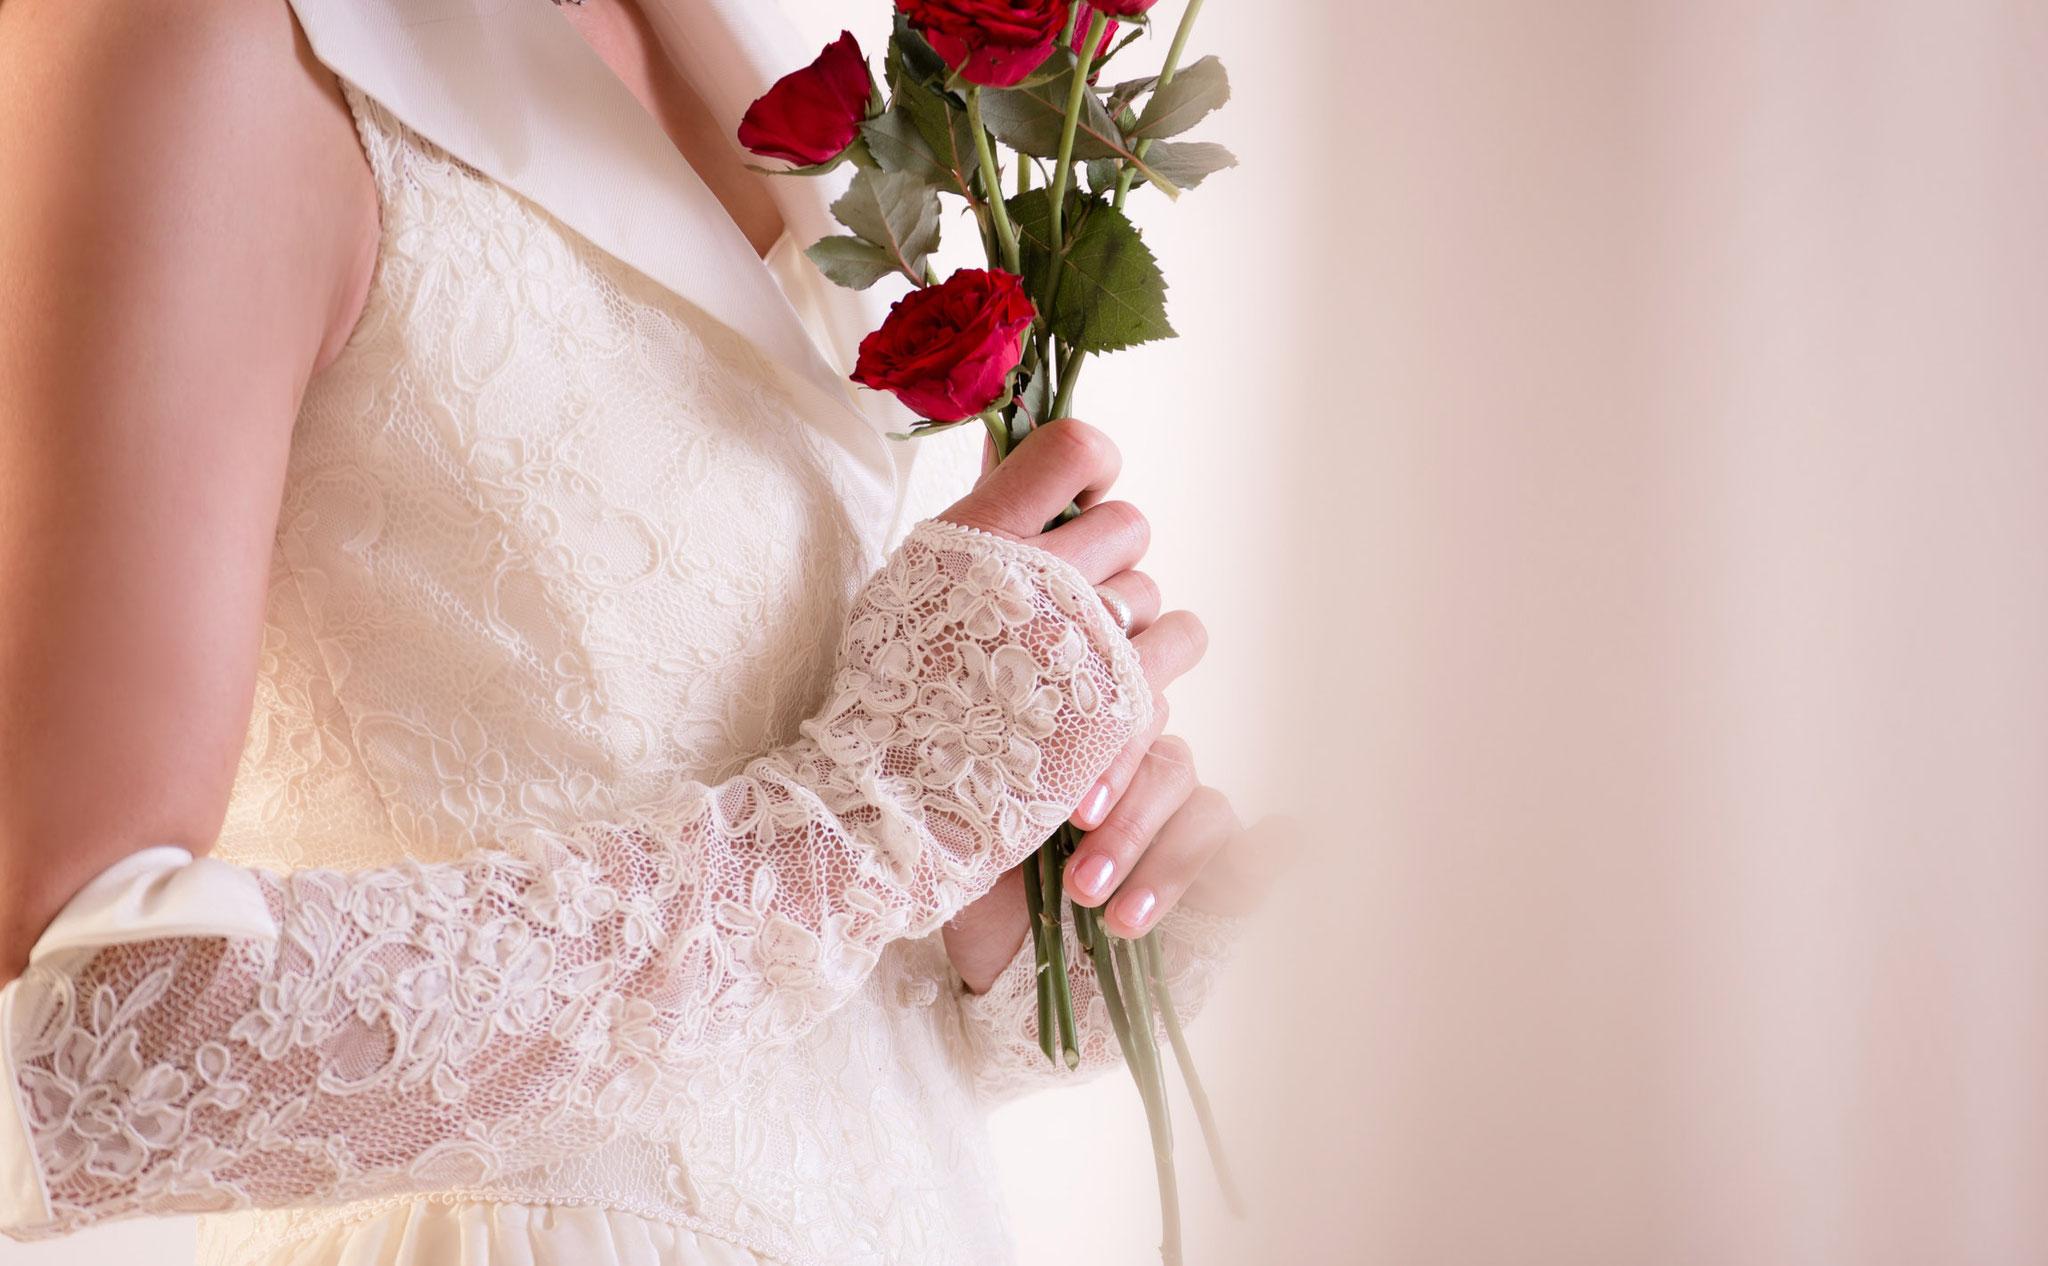 Hochzeits Fotoshooting in Erlangen mit Rosen aus Nürnberg - Fotograf Erlangen